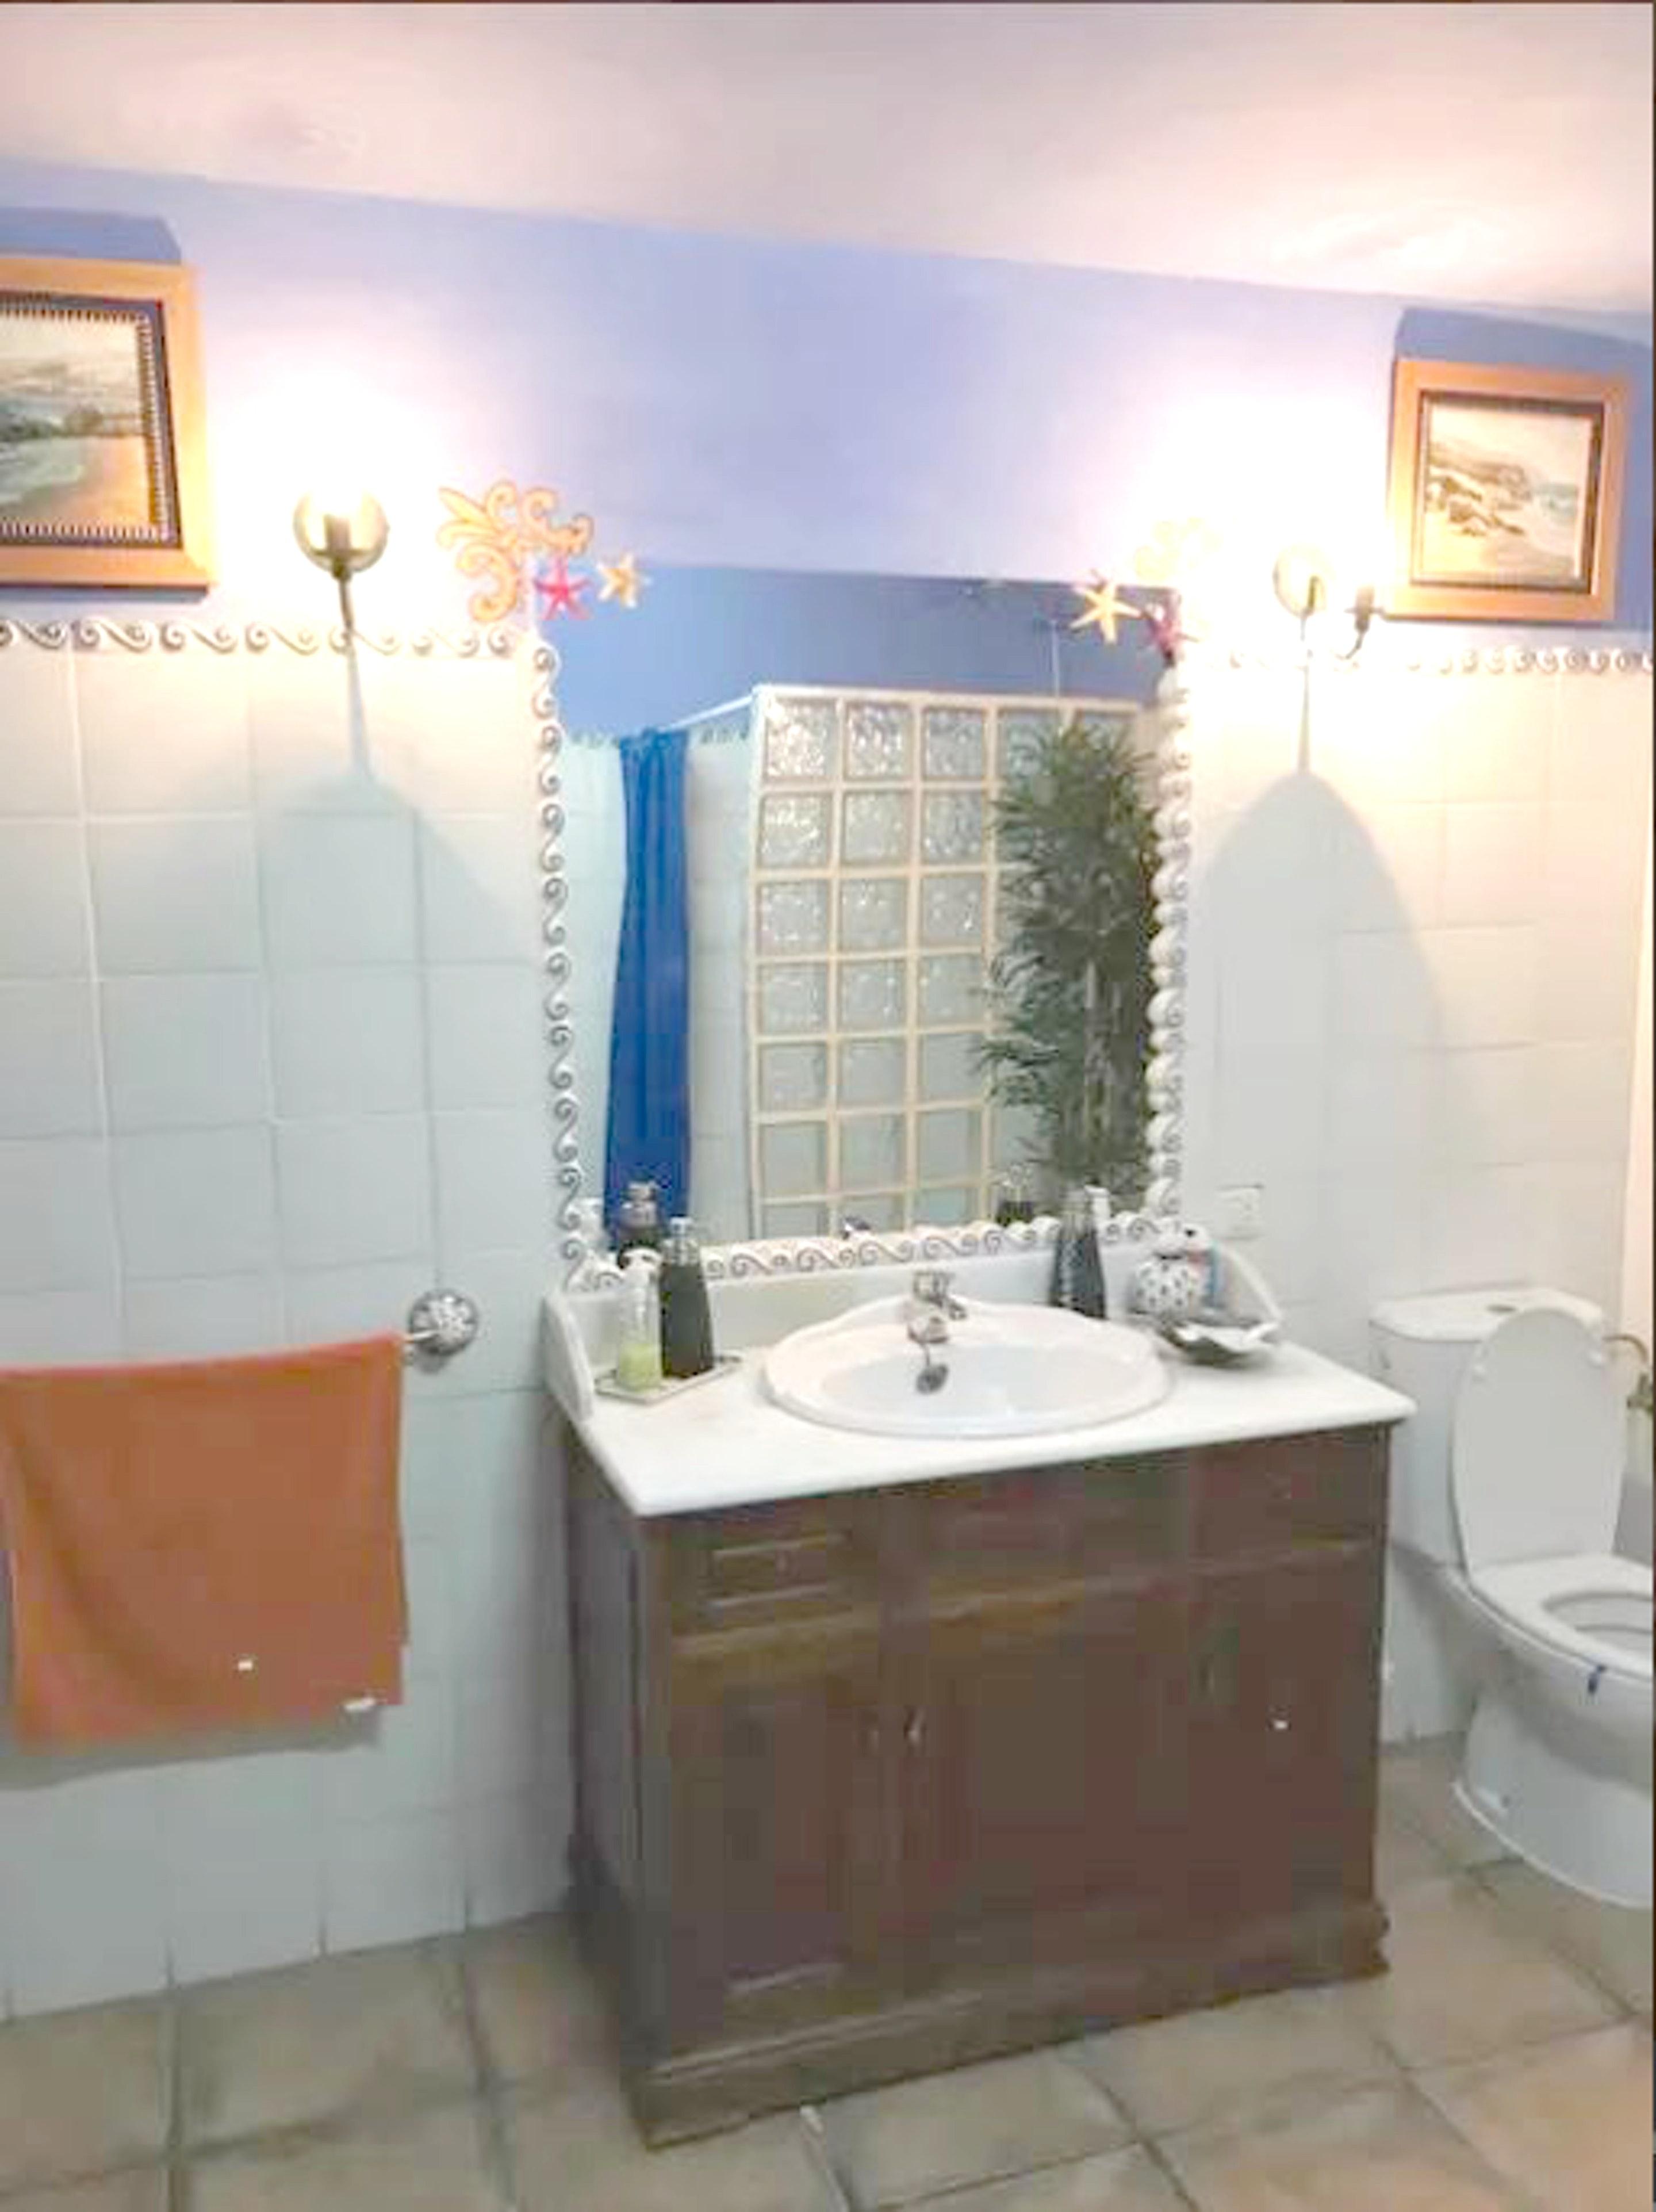 Ferienhaus Haus mit 7 Schlafzimmern in Burguillos de Toledo mit privatem Pool und eingezäuntem Garten (2299203), Burguillos de Toledo, Toledo, Kastilien-La Mancha, Spanien, Bild 24